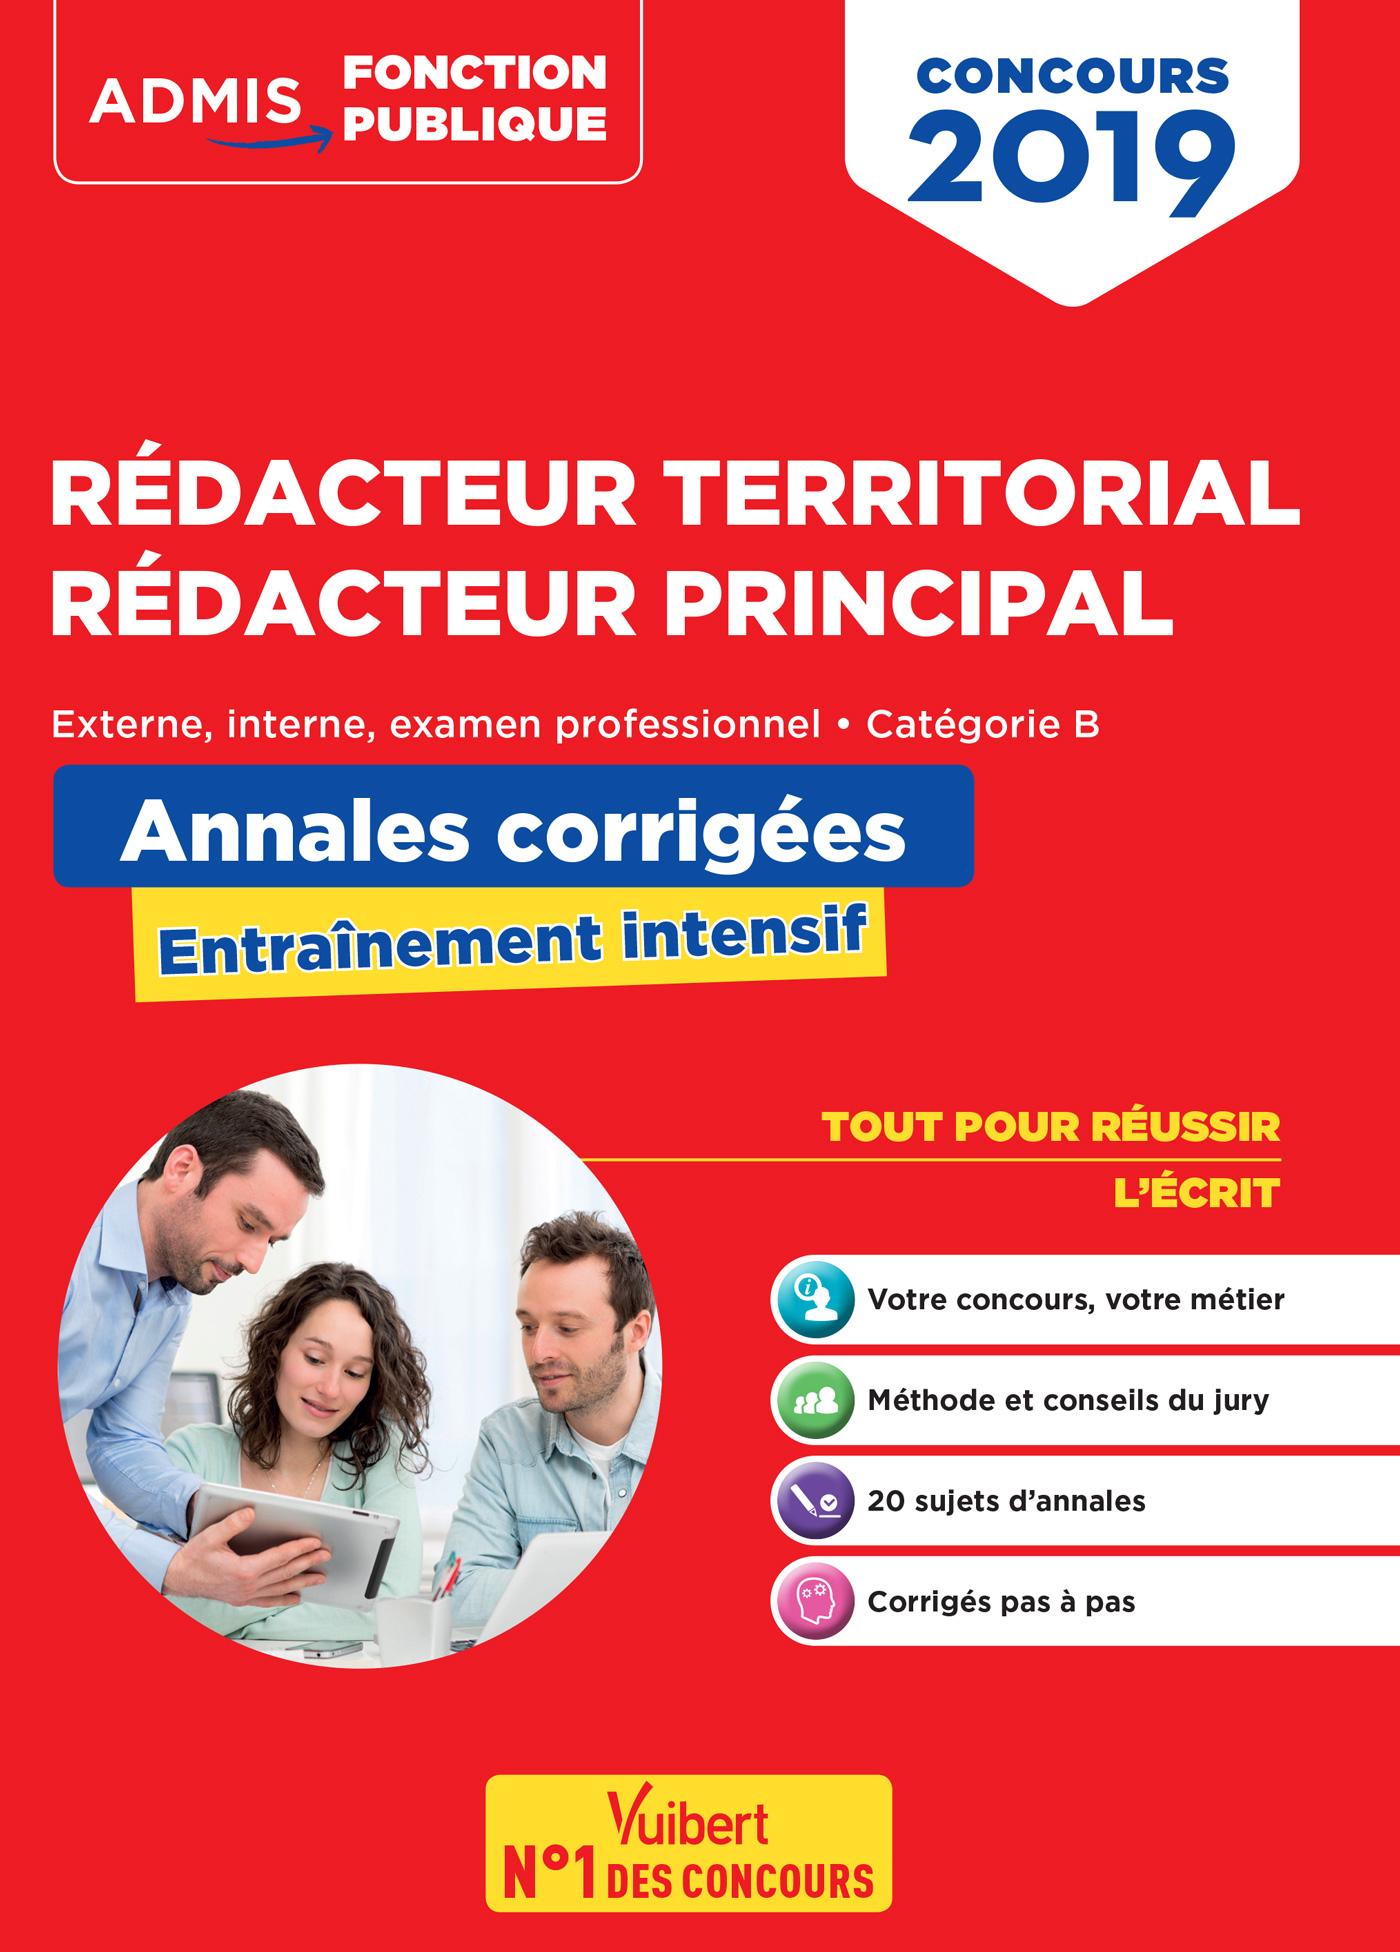 9d1f15c9729 Concours Rédacteur territorial et rédacteur principal - Annales corrigées -  Catégorie B